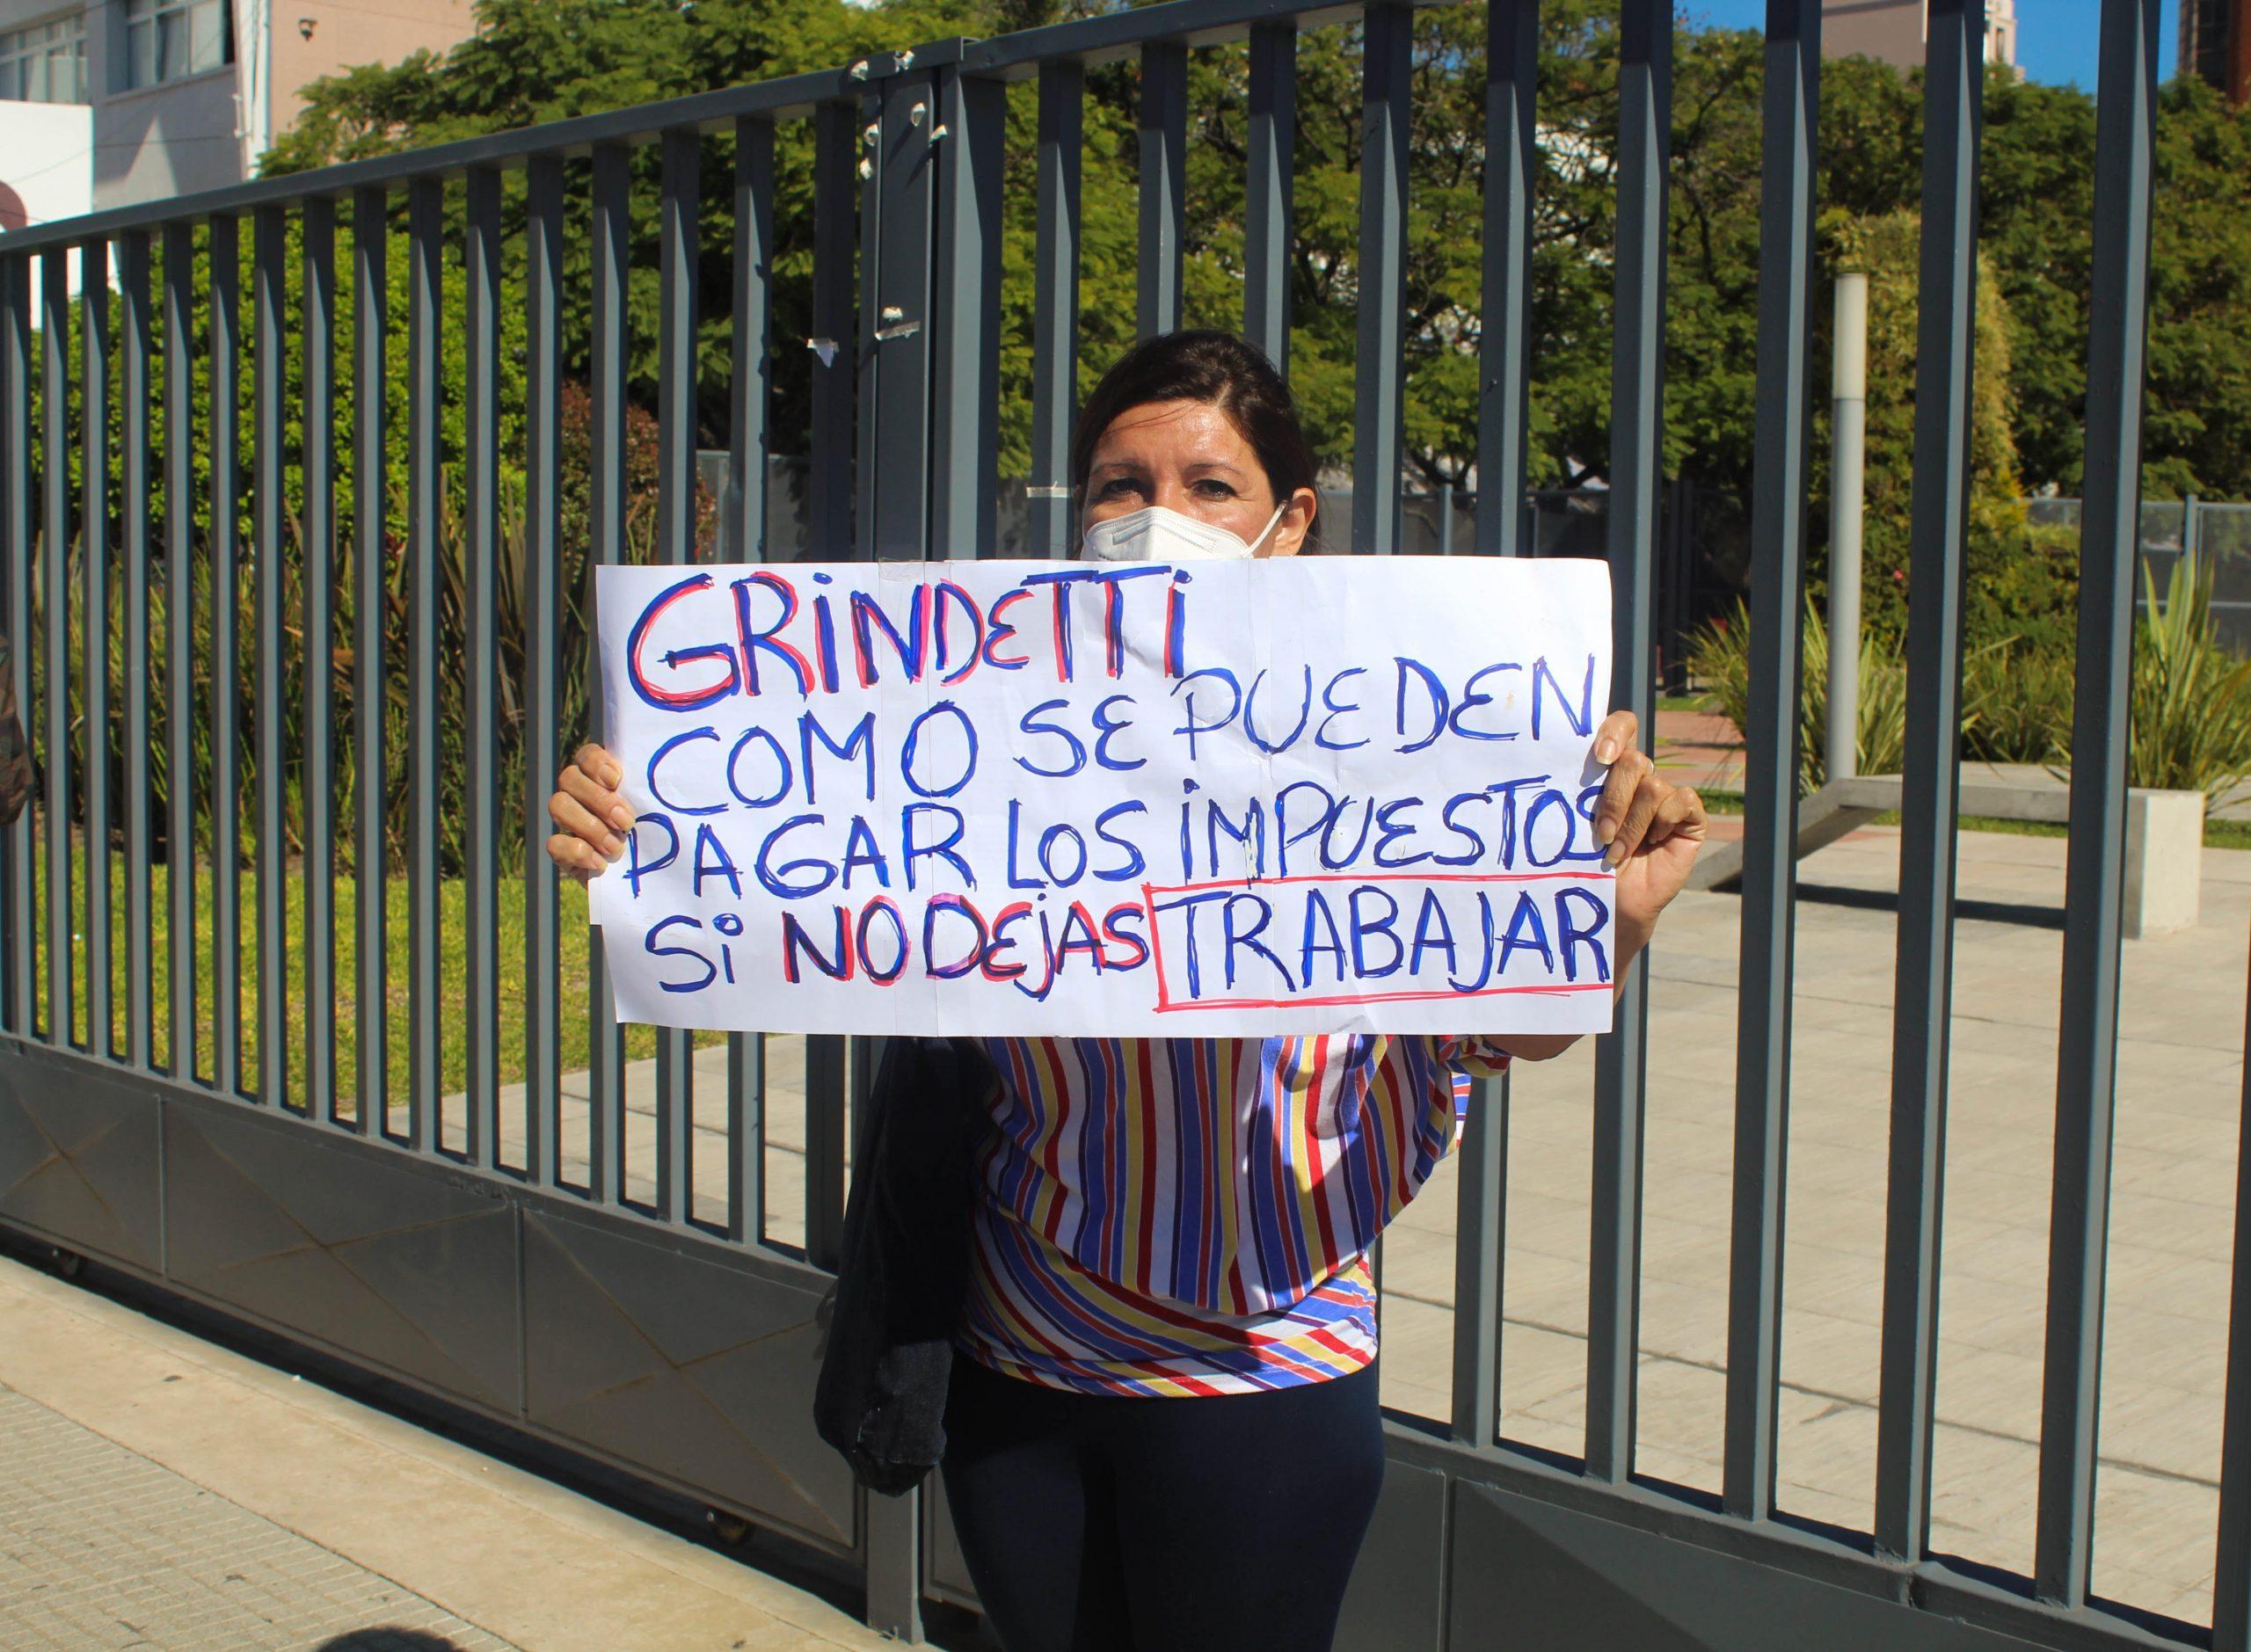 Lanús: protesta por abusos en las inspecciones municipales y pedidos de coimas